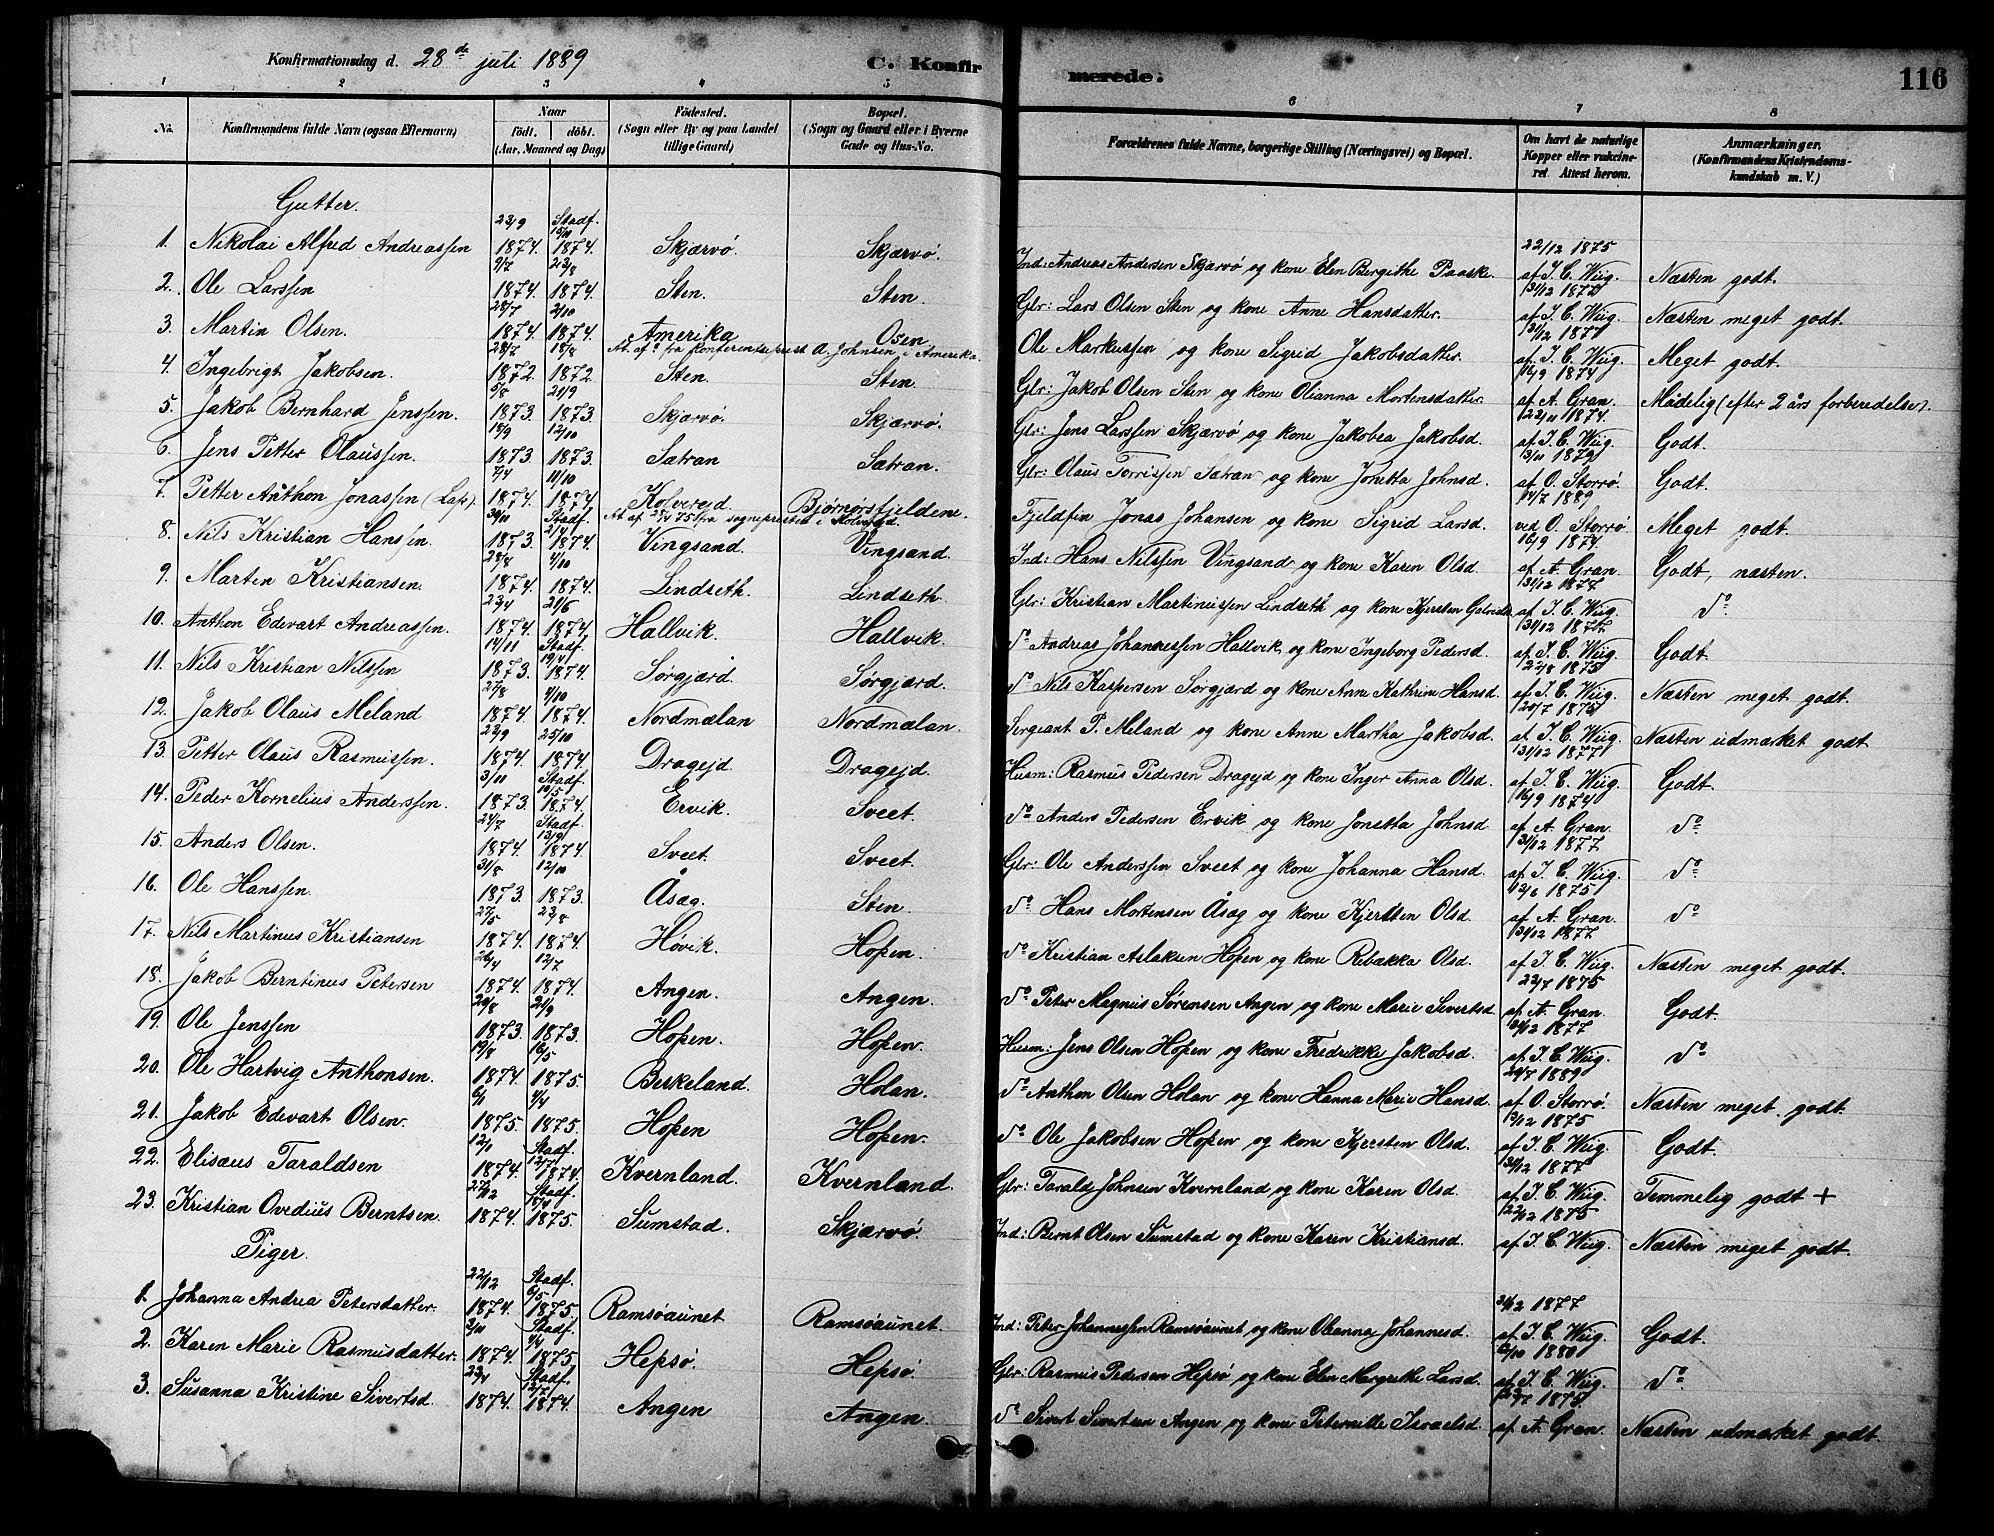 SAT, Ministerialprotokoller, klokkerbøker og fødselsregistre - Sør-Trøndelag, 658/L0726: Klokkerbok nr. 658C02, 1883-1908, s. 116